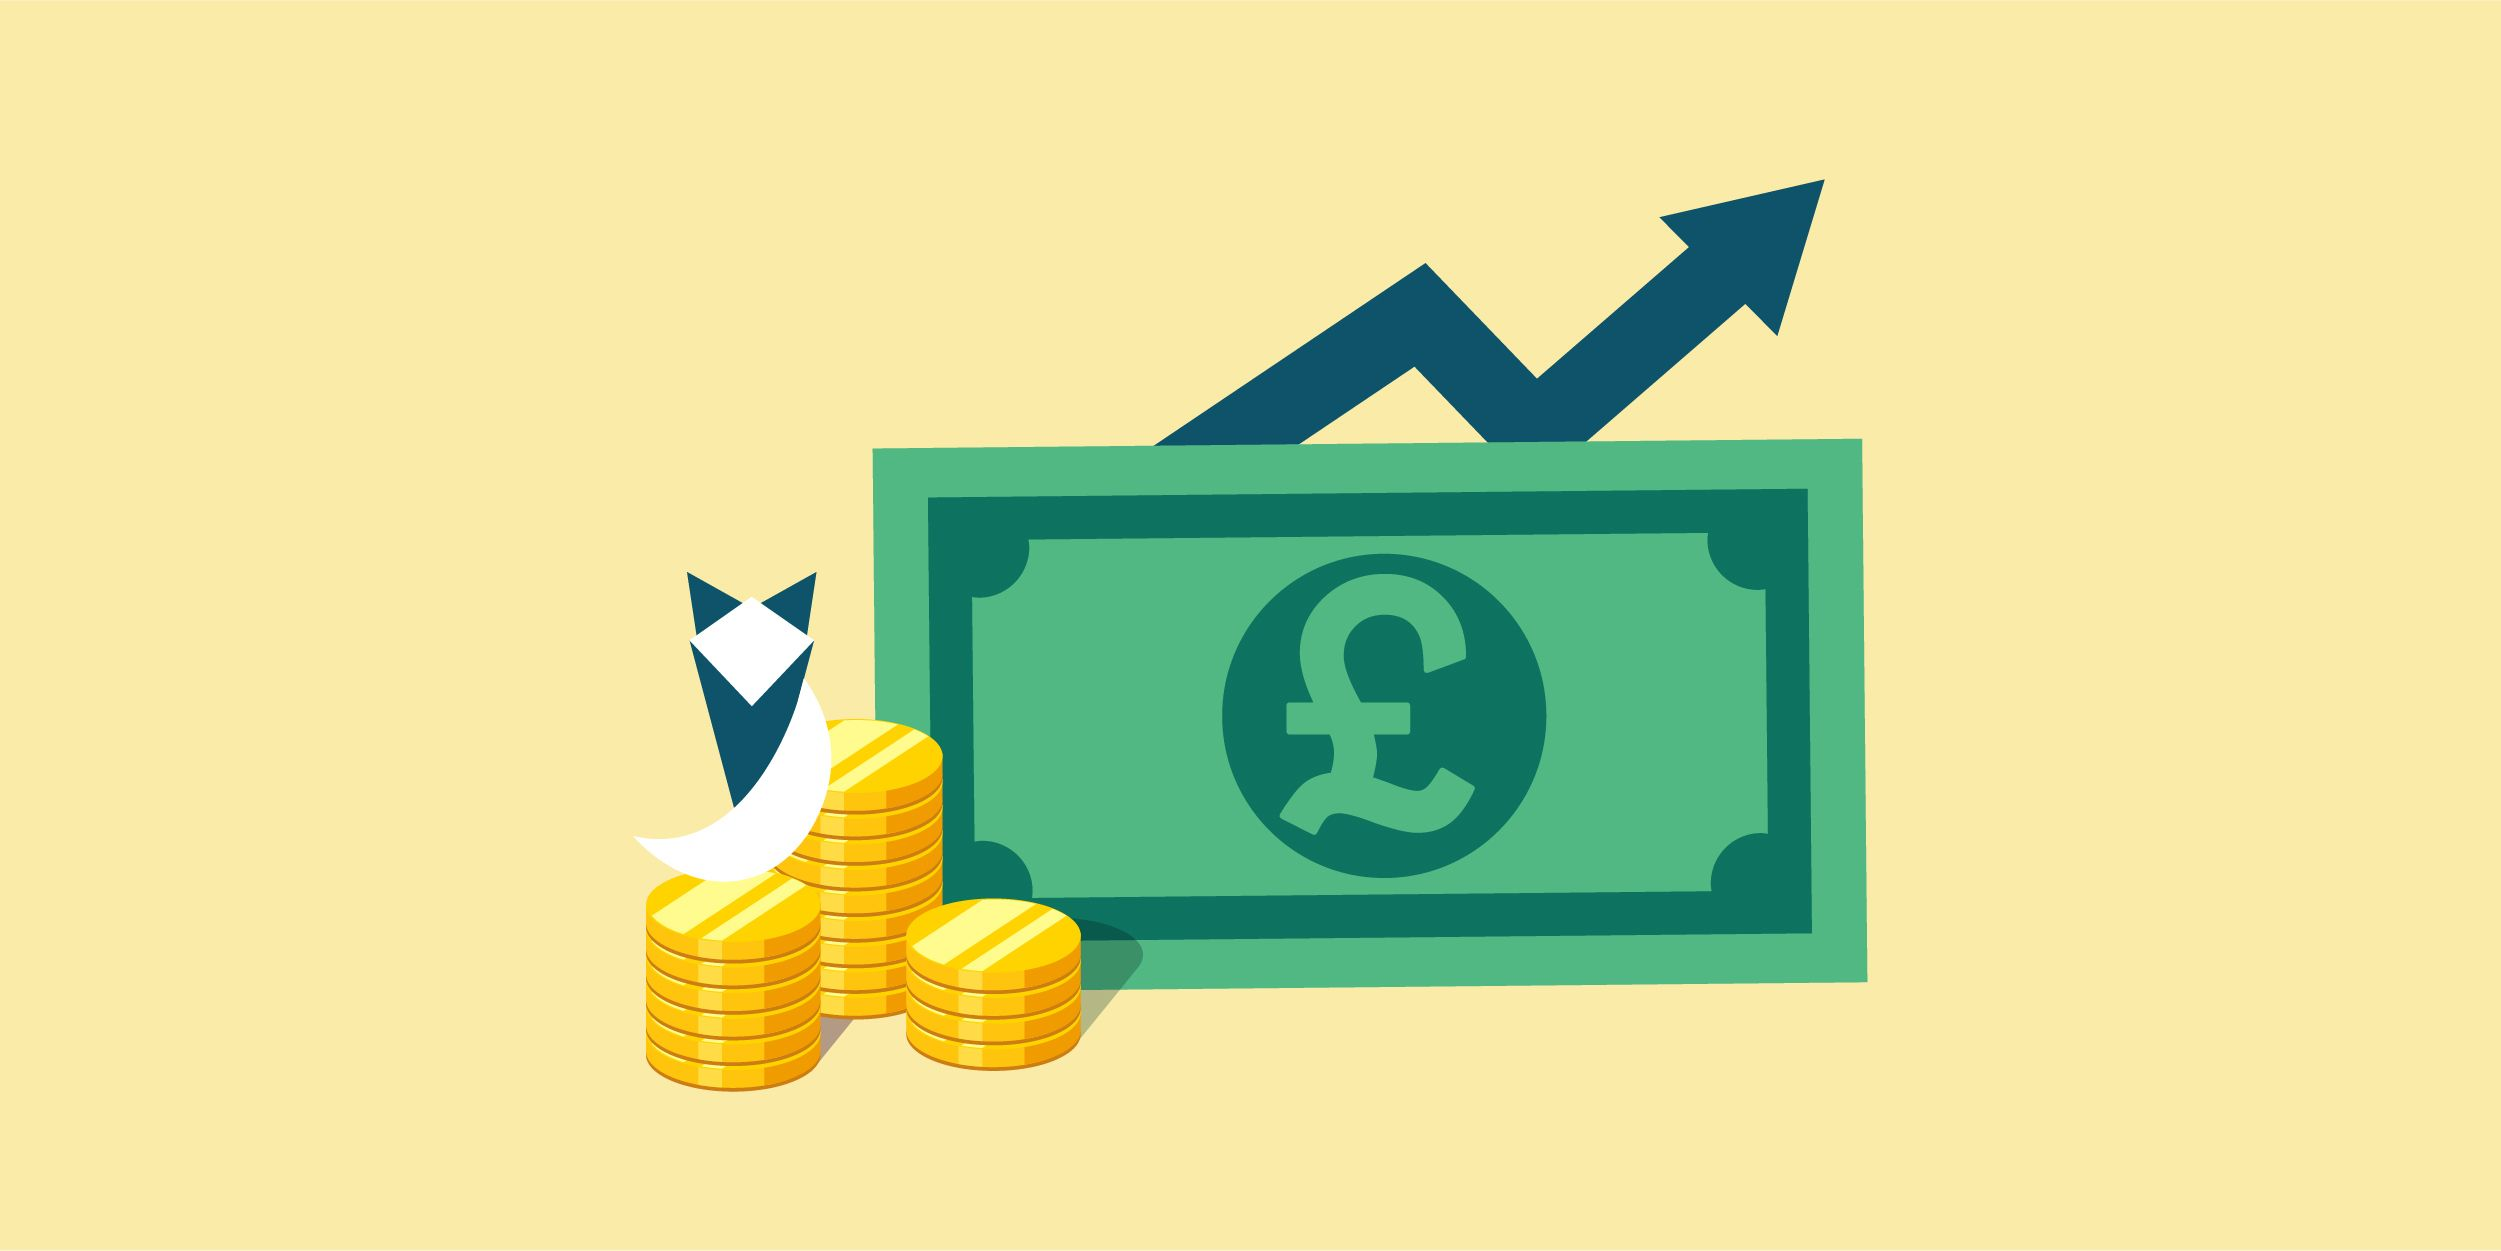 سعر الجنيه الاسترليني في البنوك المصرية اليوم 1  سبتمبر 2021